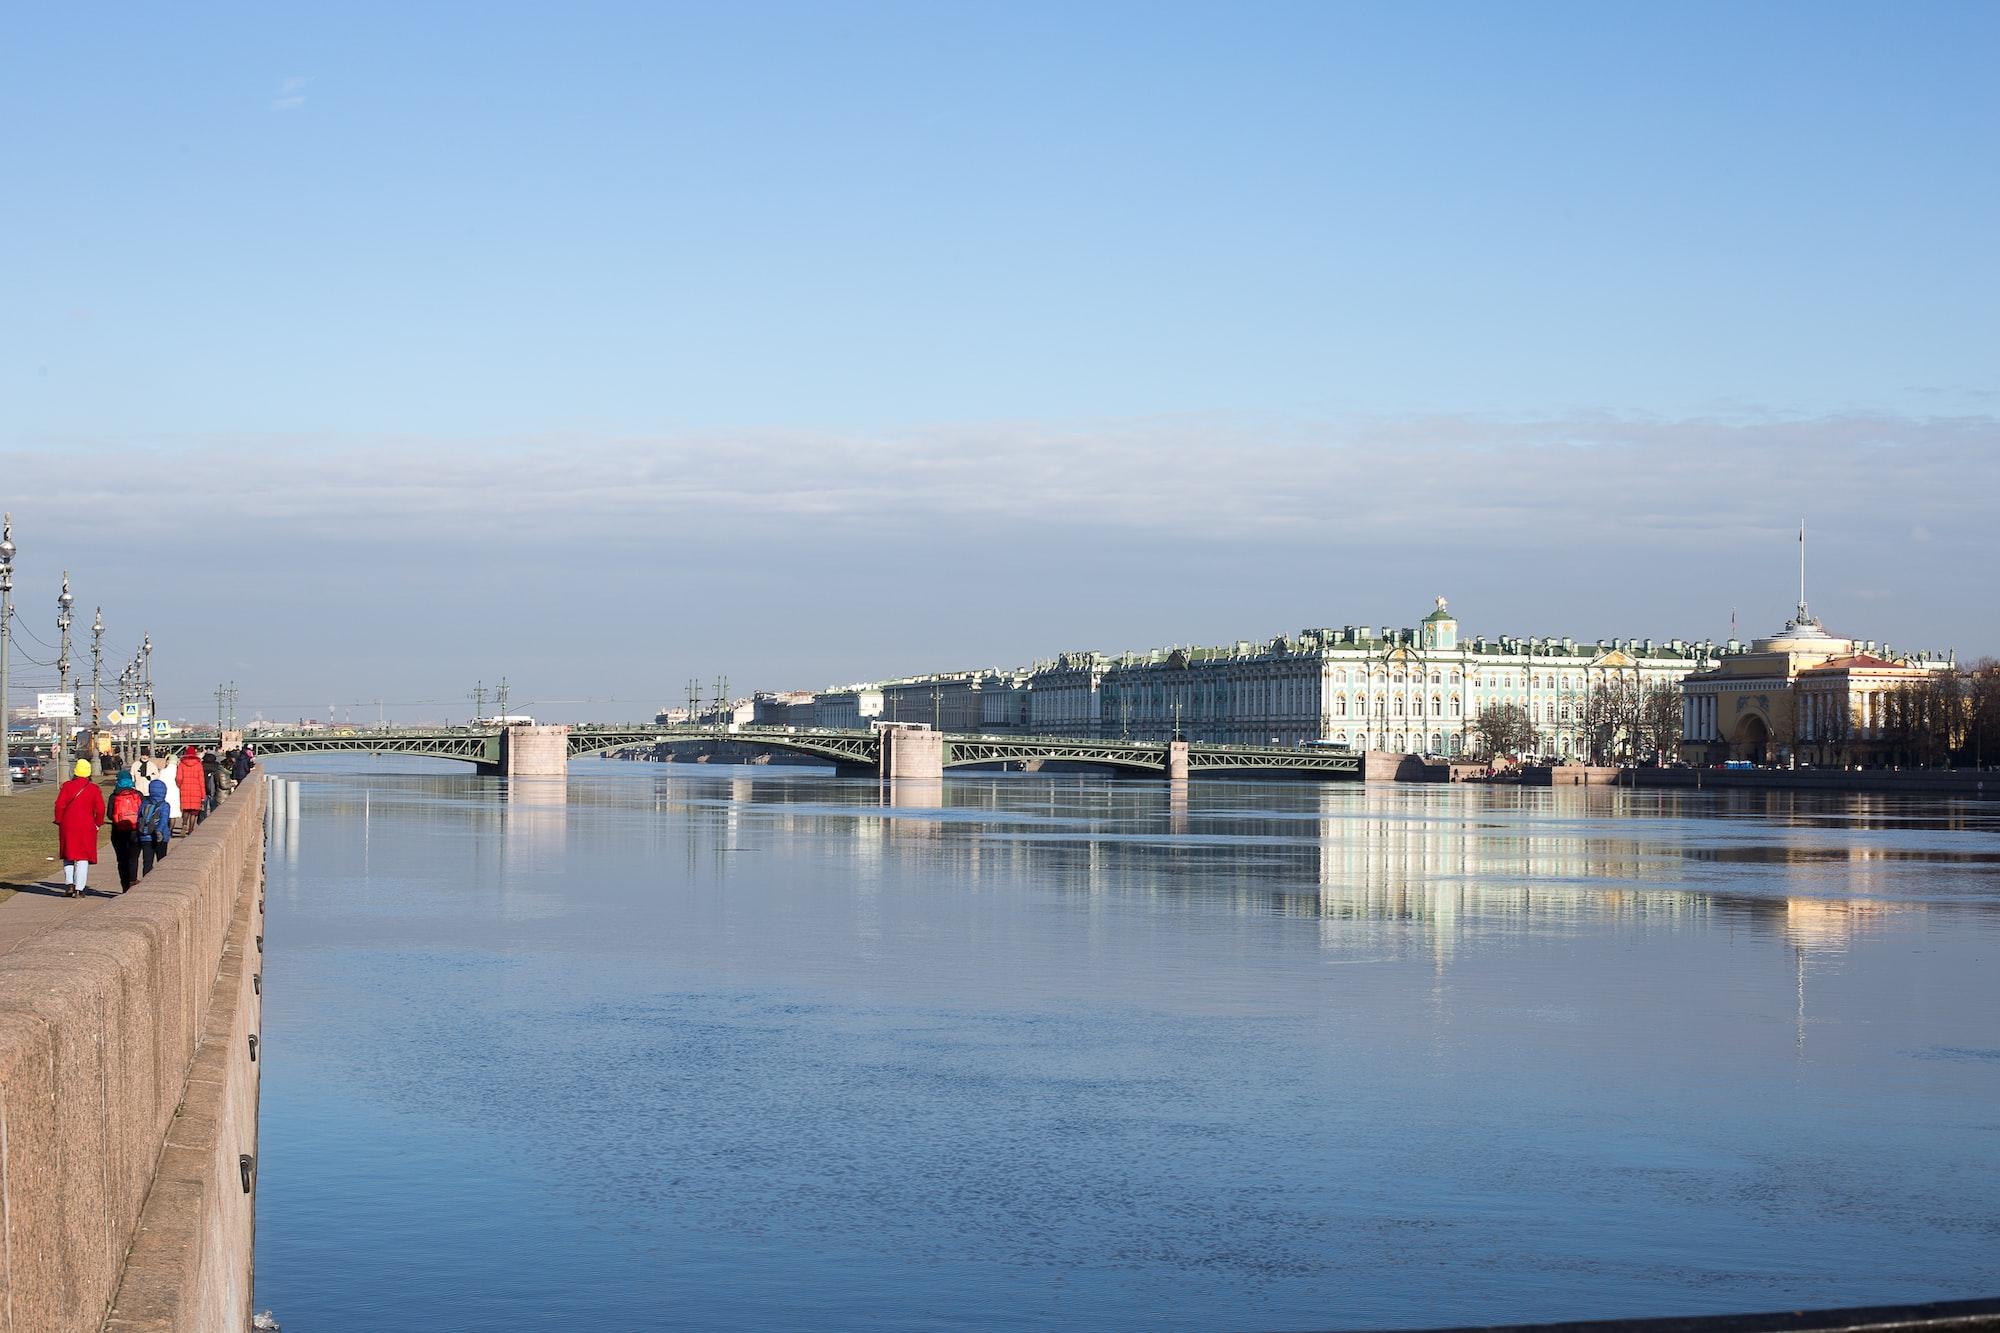 Rusya'nın St. Petersburg Kentinde 1764 Yılında Kurulmuş Ünlü Saray Müzesi Bulmaca Anlamı Nedir?